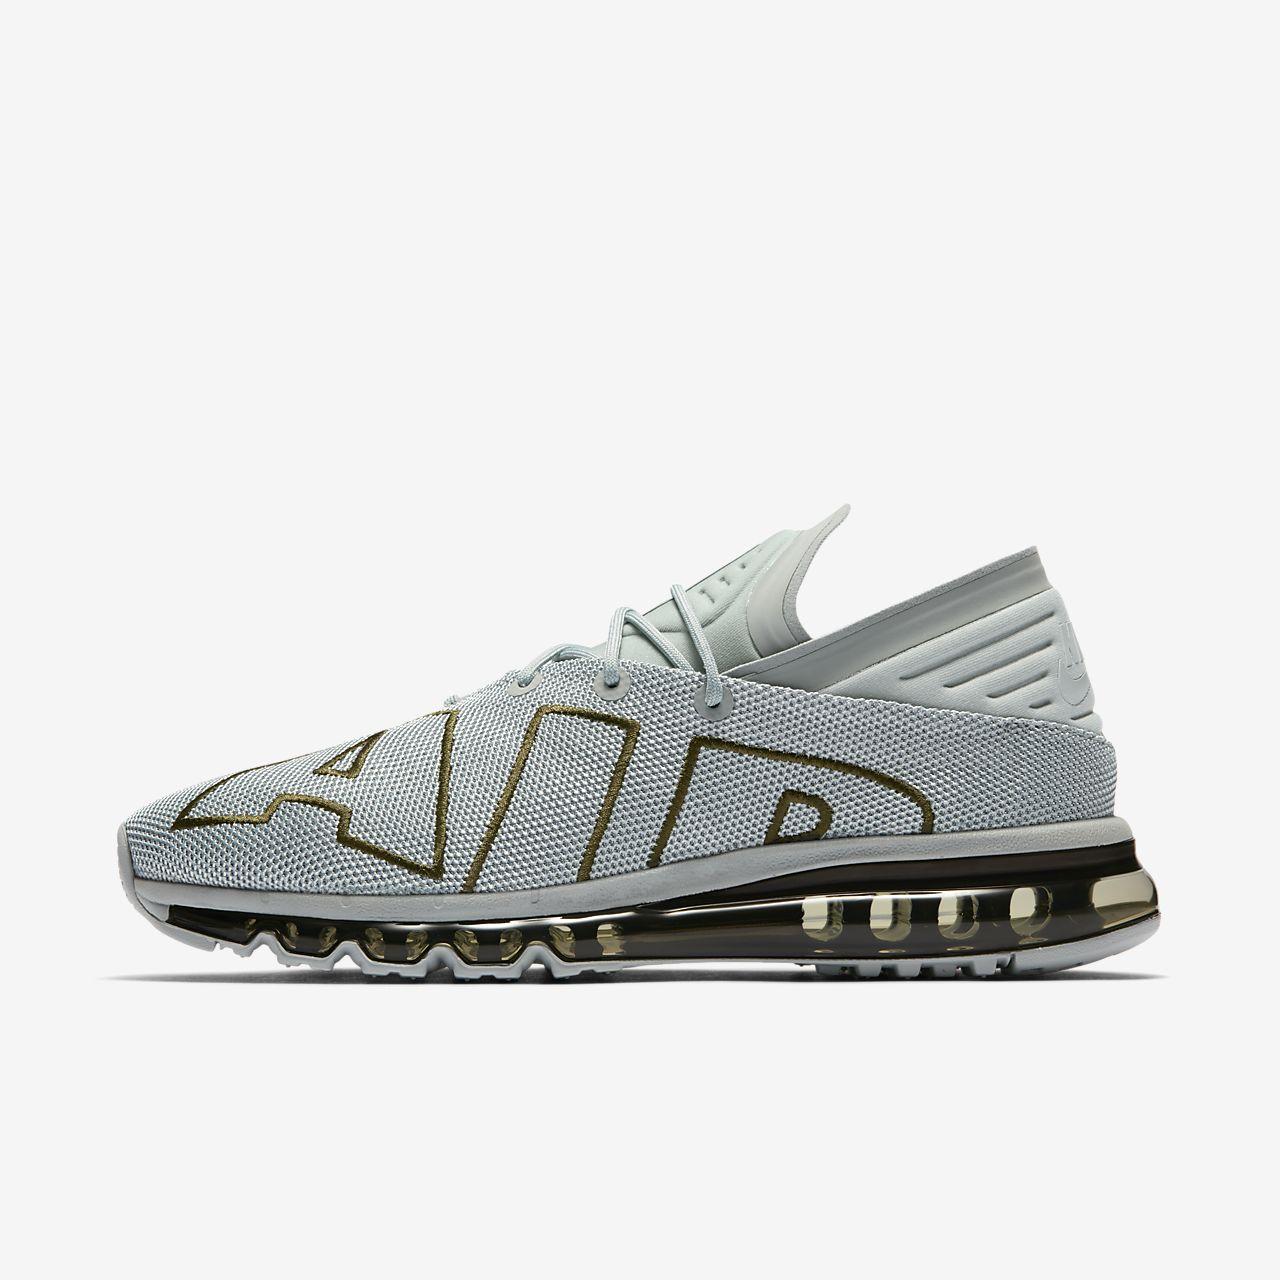 Nike Air Max Chaussures Flair Baskets Lo Noir Blanc Noir Blanc dCazXqEbd